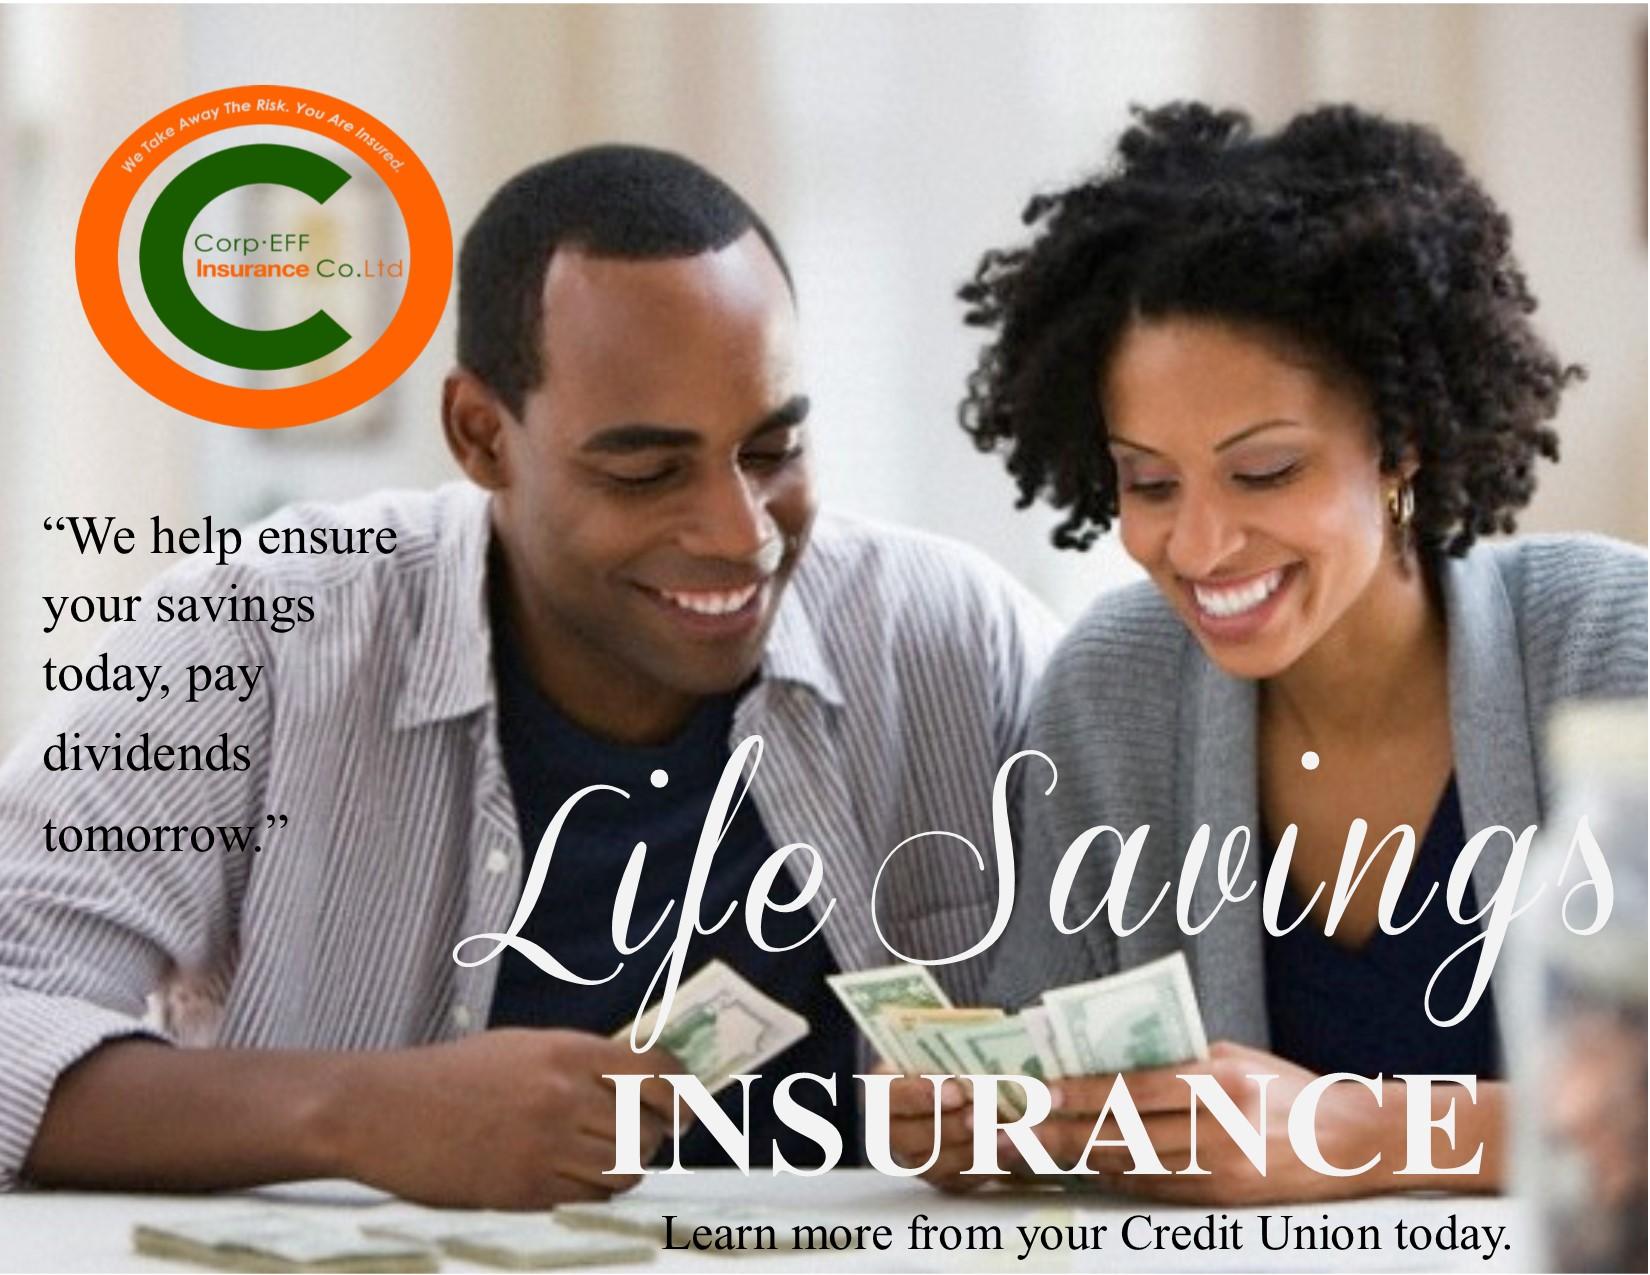 Life Savings 8 & half x 11 #1